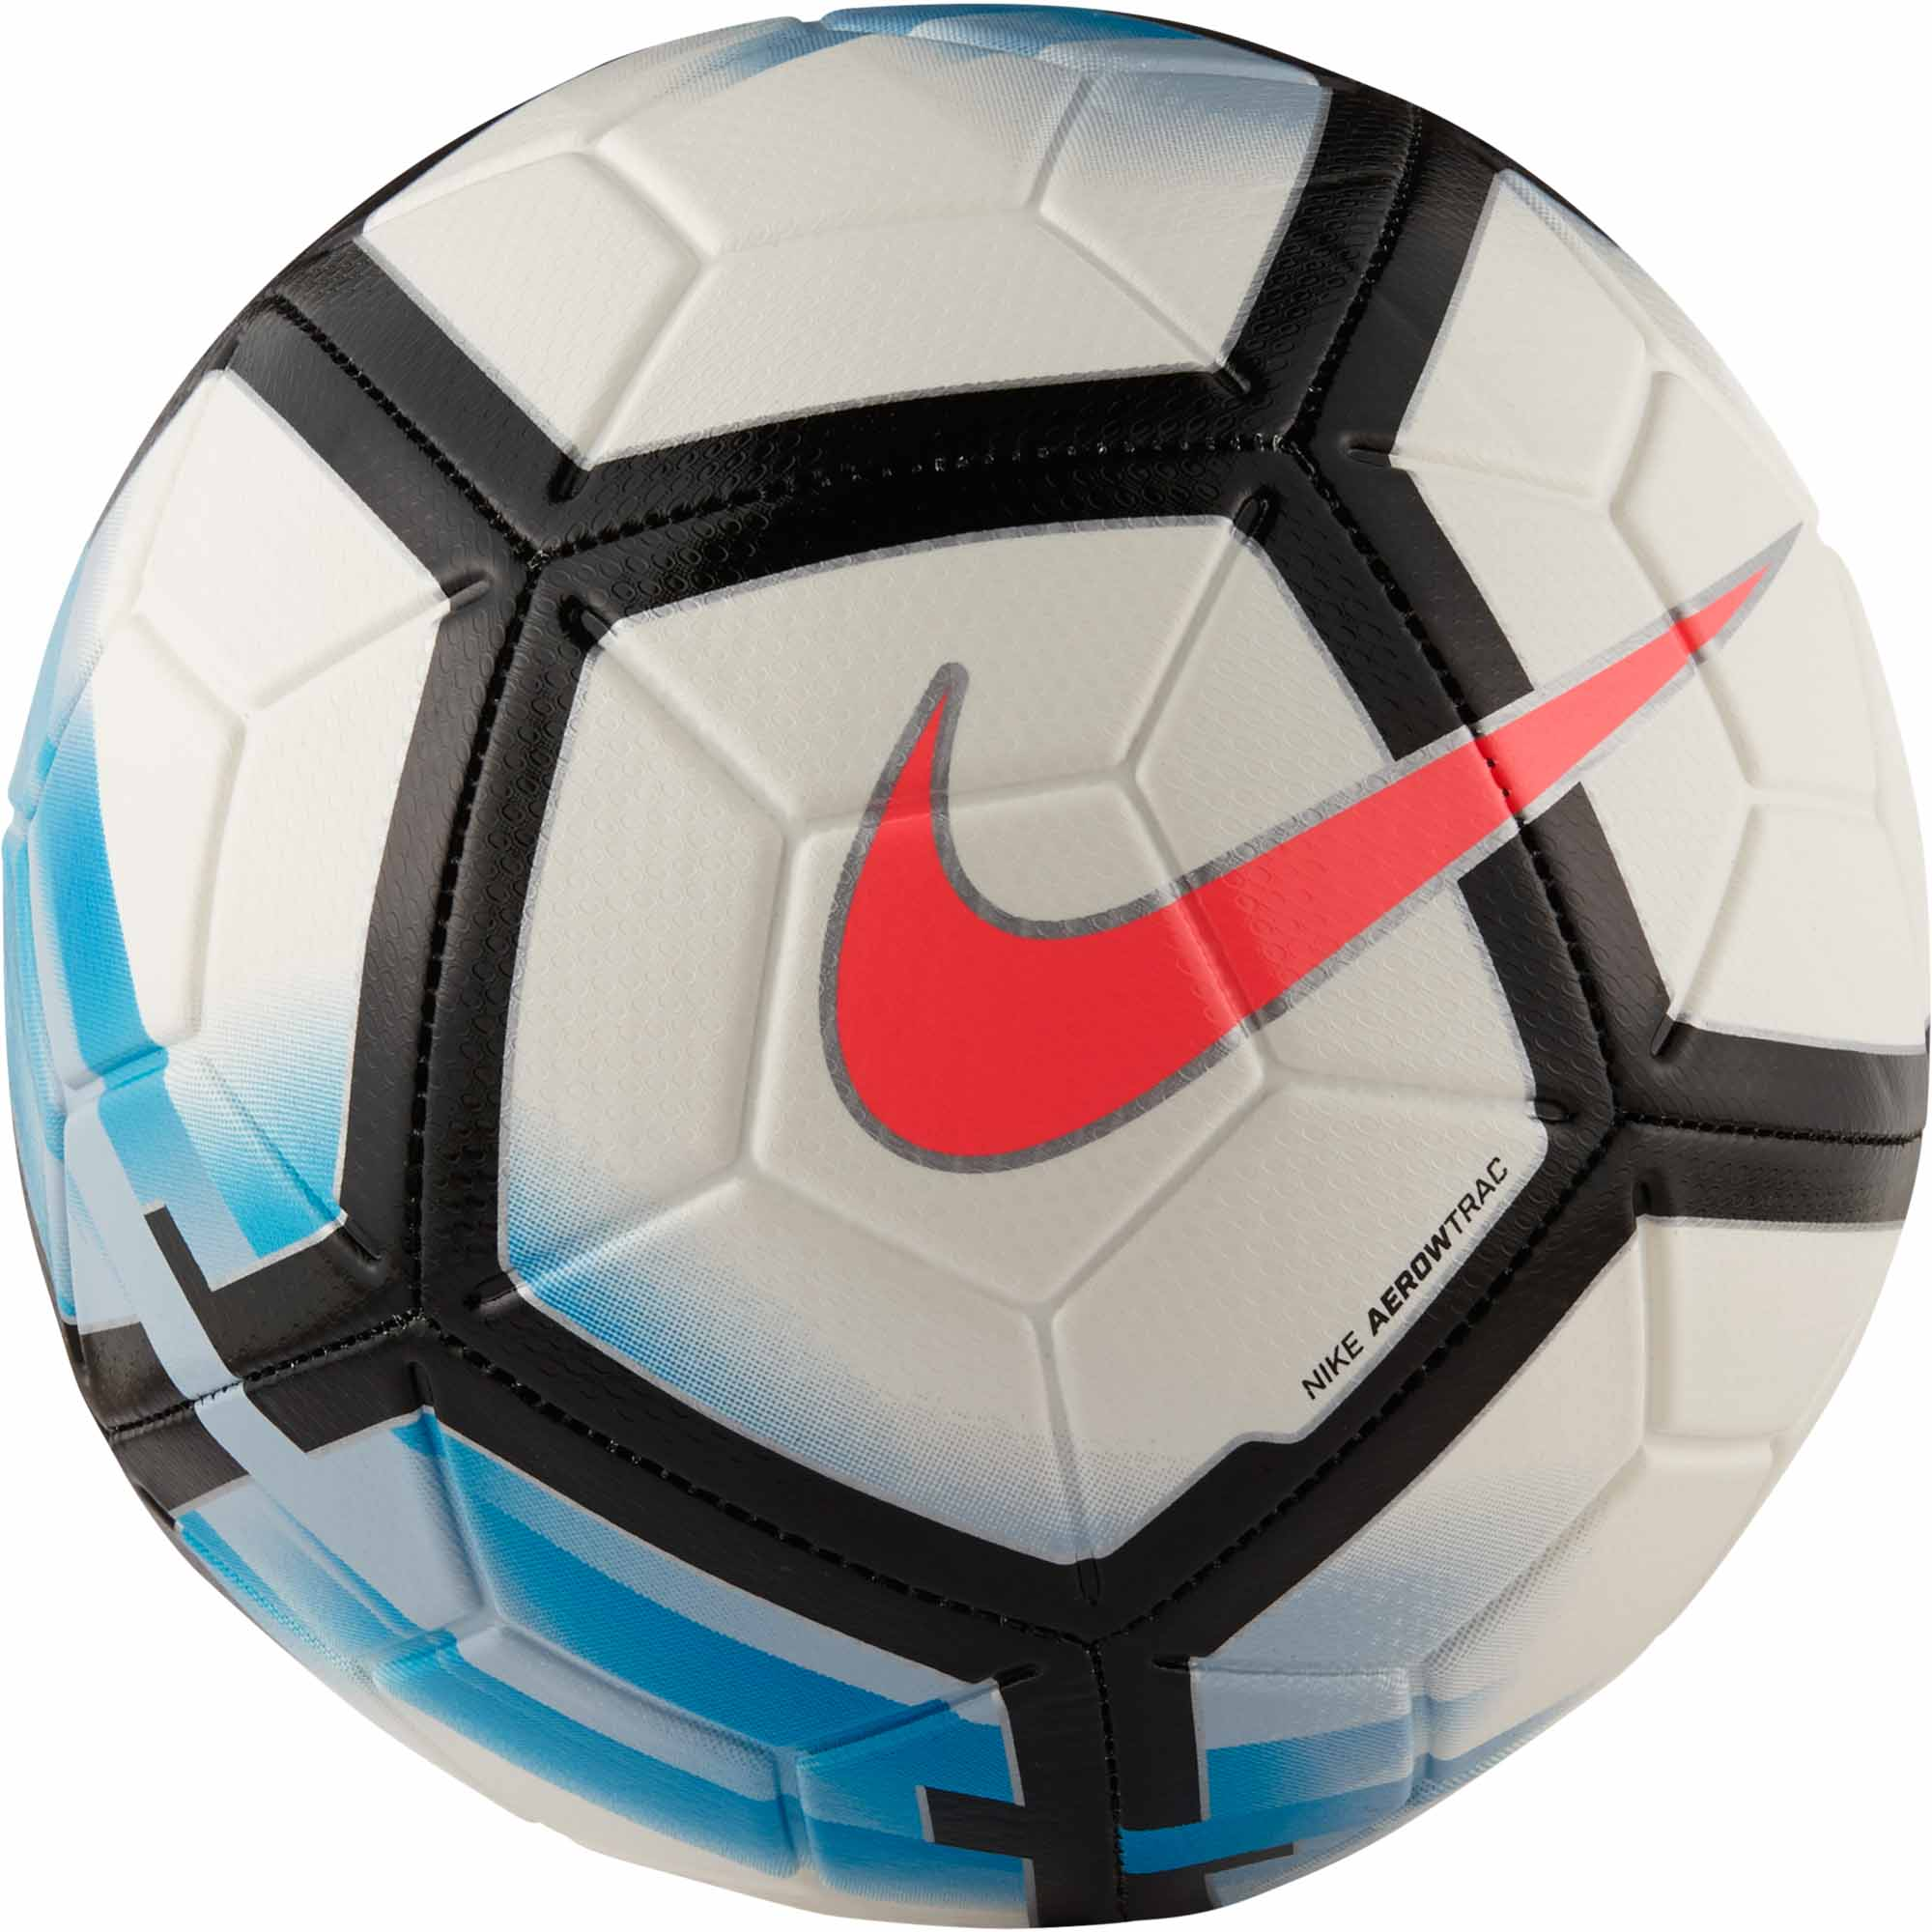 Nike Strike Soccer Ball - White Nike Soccer Balls